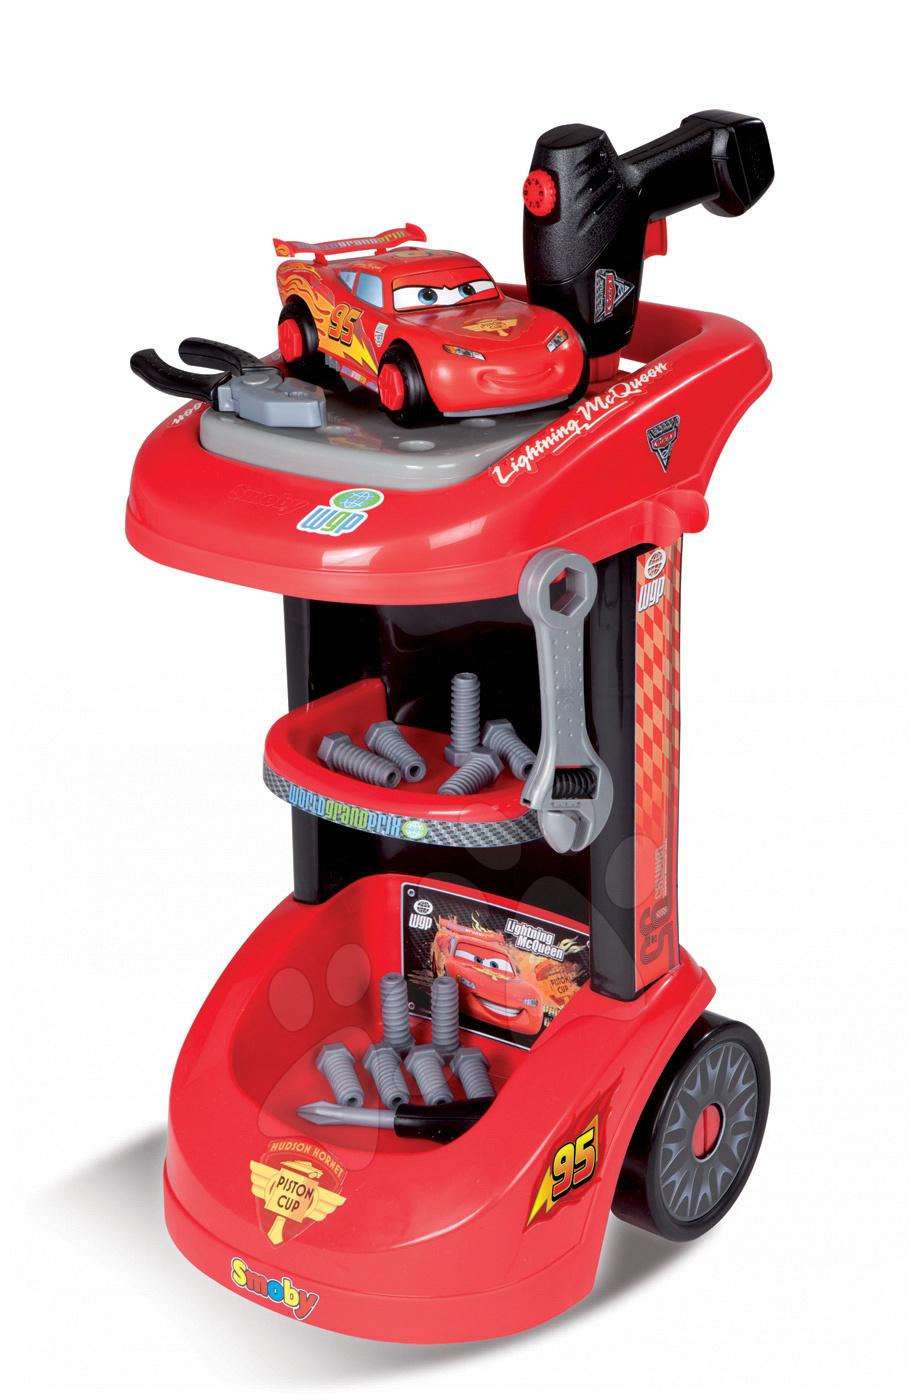 Otroška delavnica - Delovni voziček Avtomobili Smoby z mehanskim vrtalnikom, avtomobilom McQueen in 27 dodatki